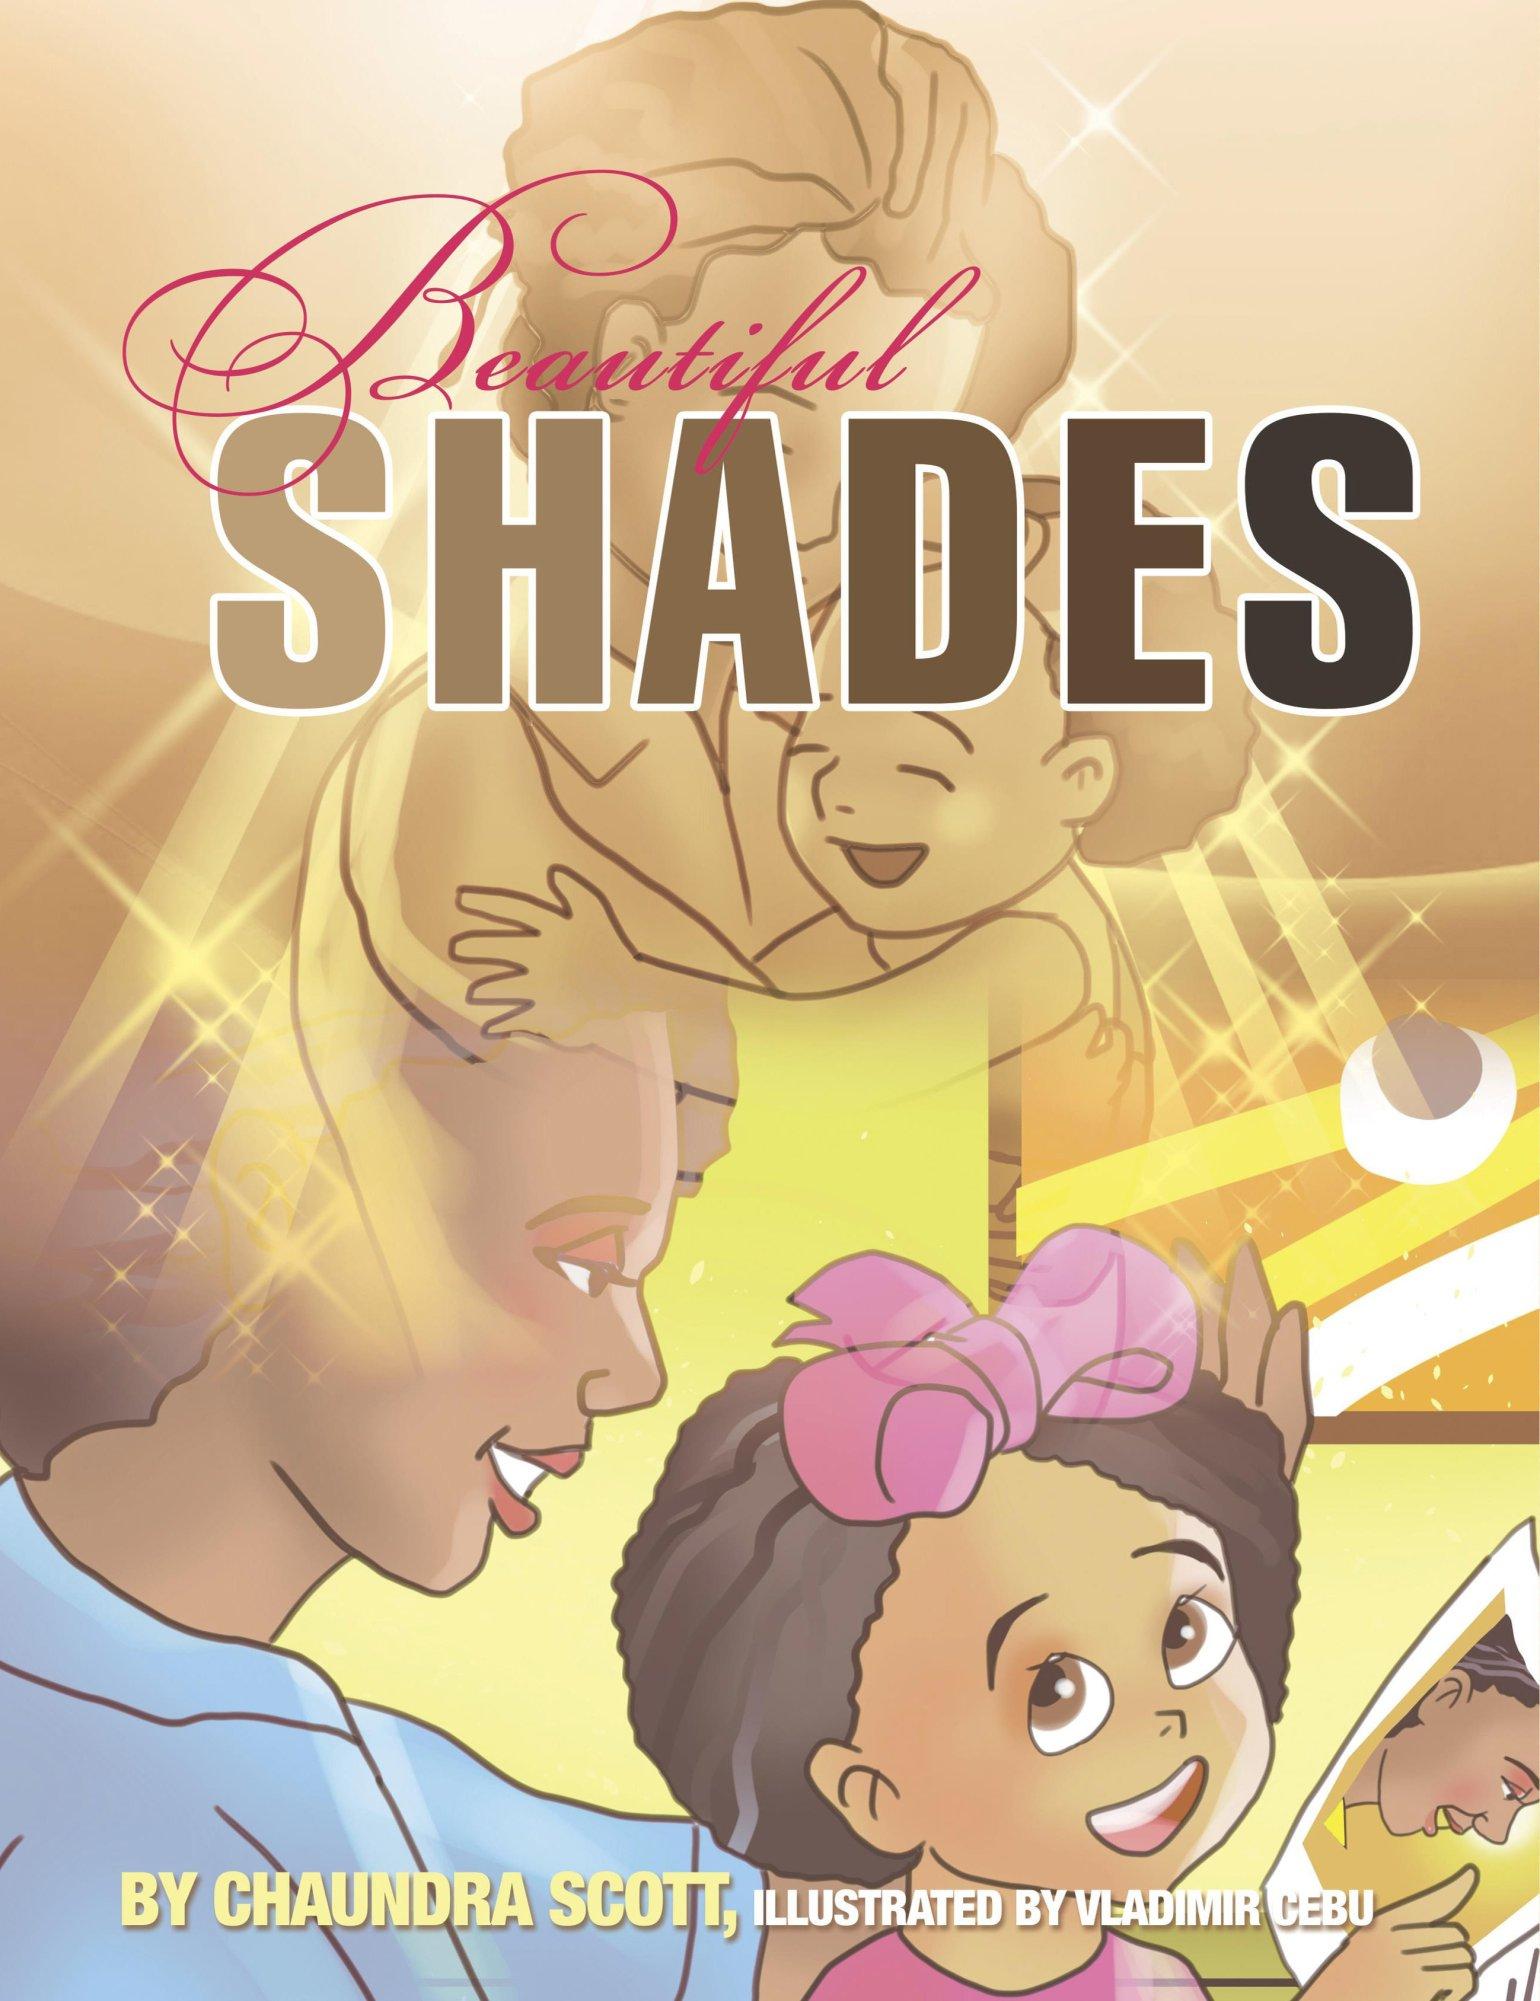 Beautiful Shades by Chaundra Scott 978-0996153683